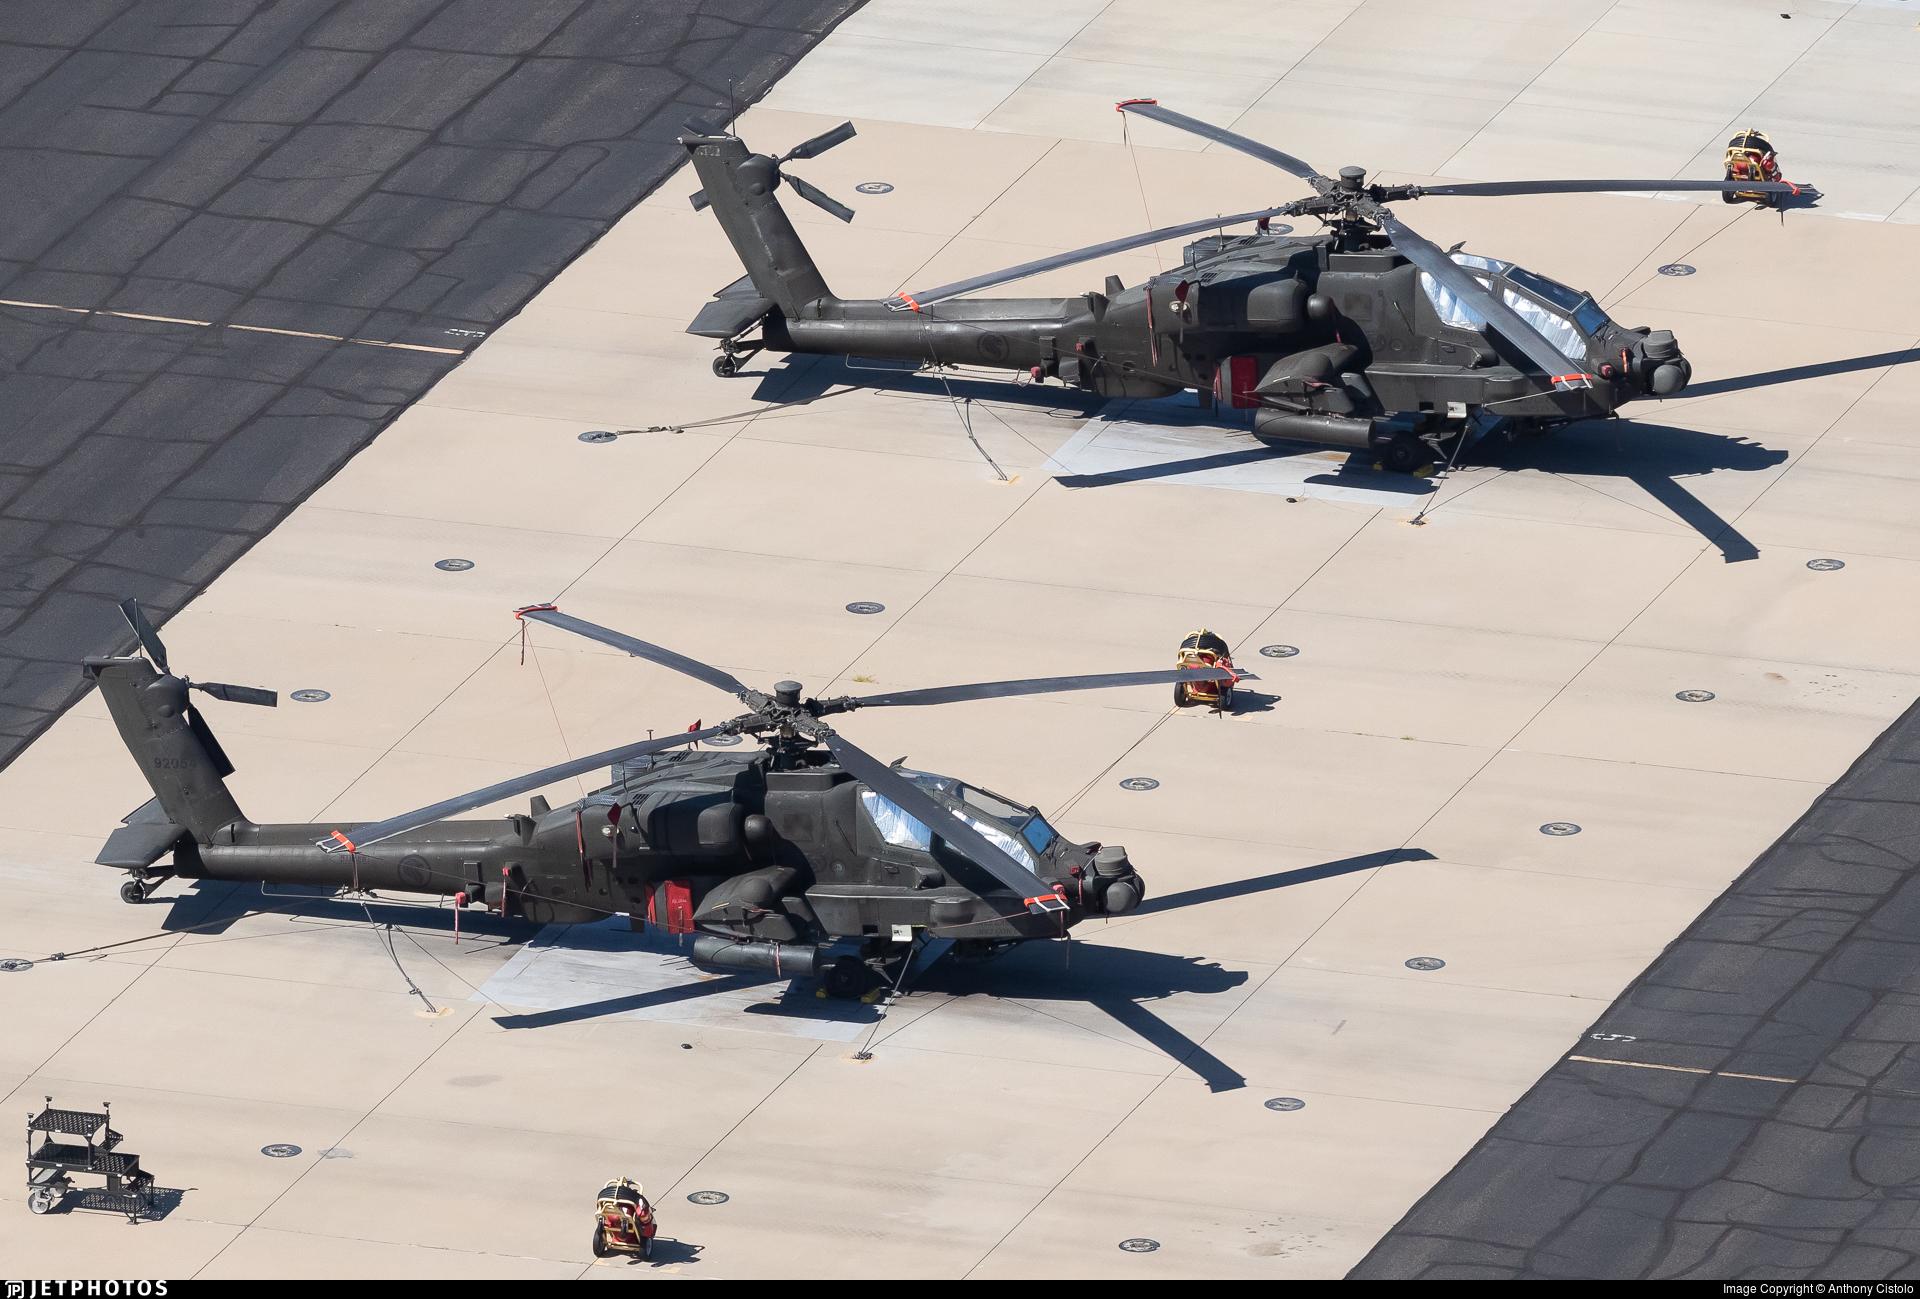 99-2054 - Boeing AH-64A Apache - Singapore - Air Force